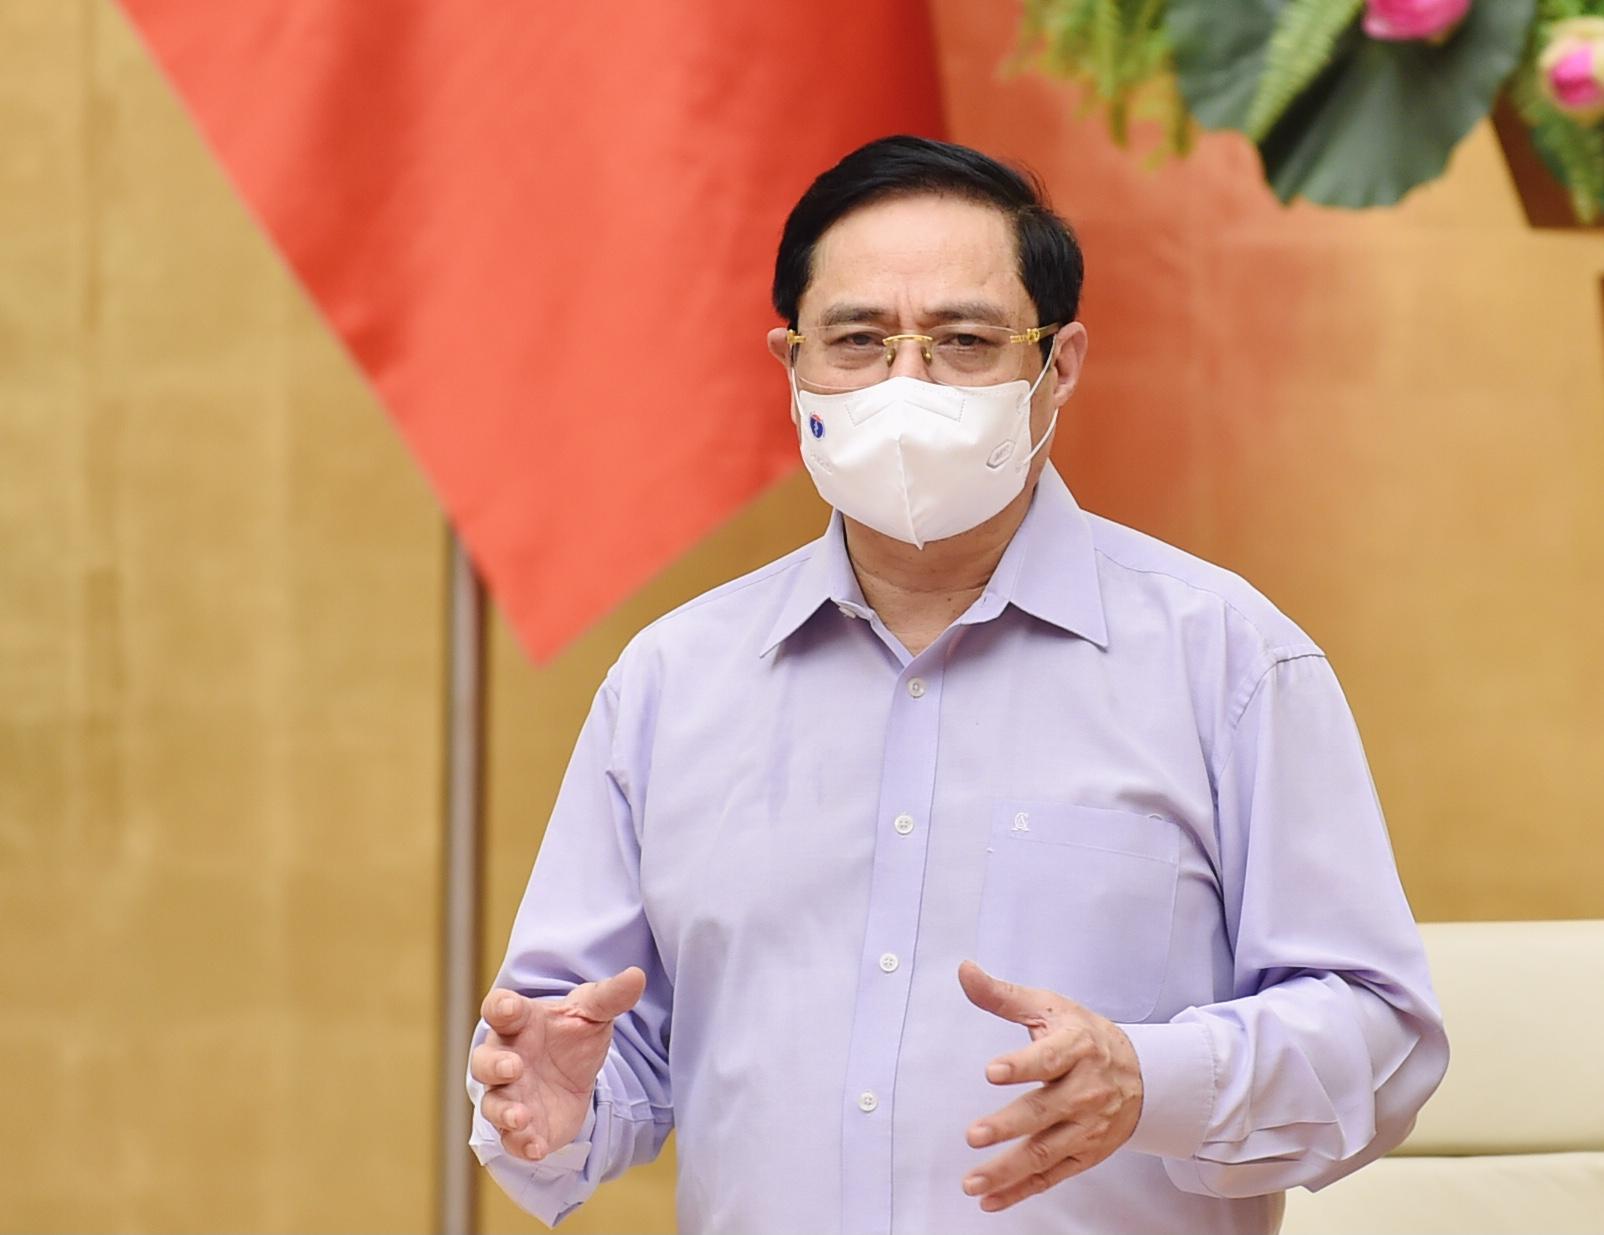 Thủ tướng Phạm Minh Chính đưa ra yêu cầu với Bí thư, Chủ tịch tỉnh, thành trong công tác chống dịch - Ảnh 1.